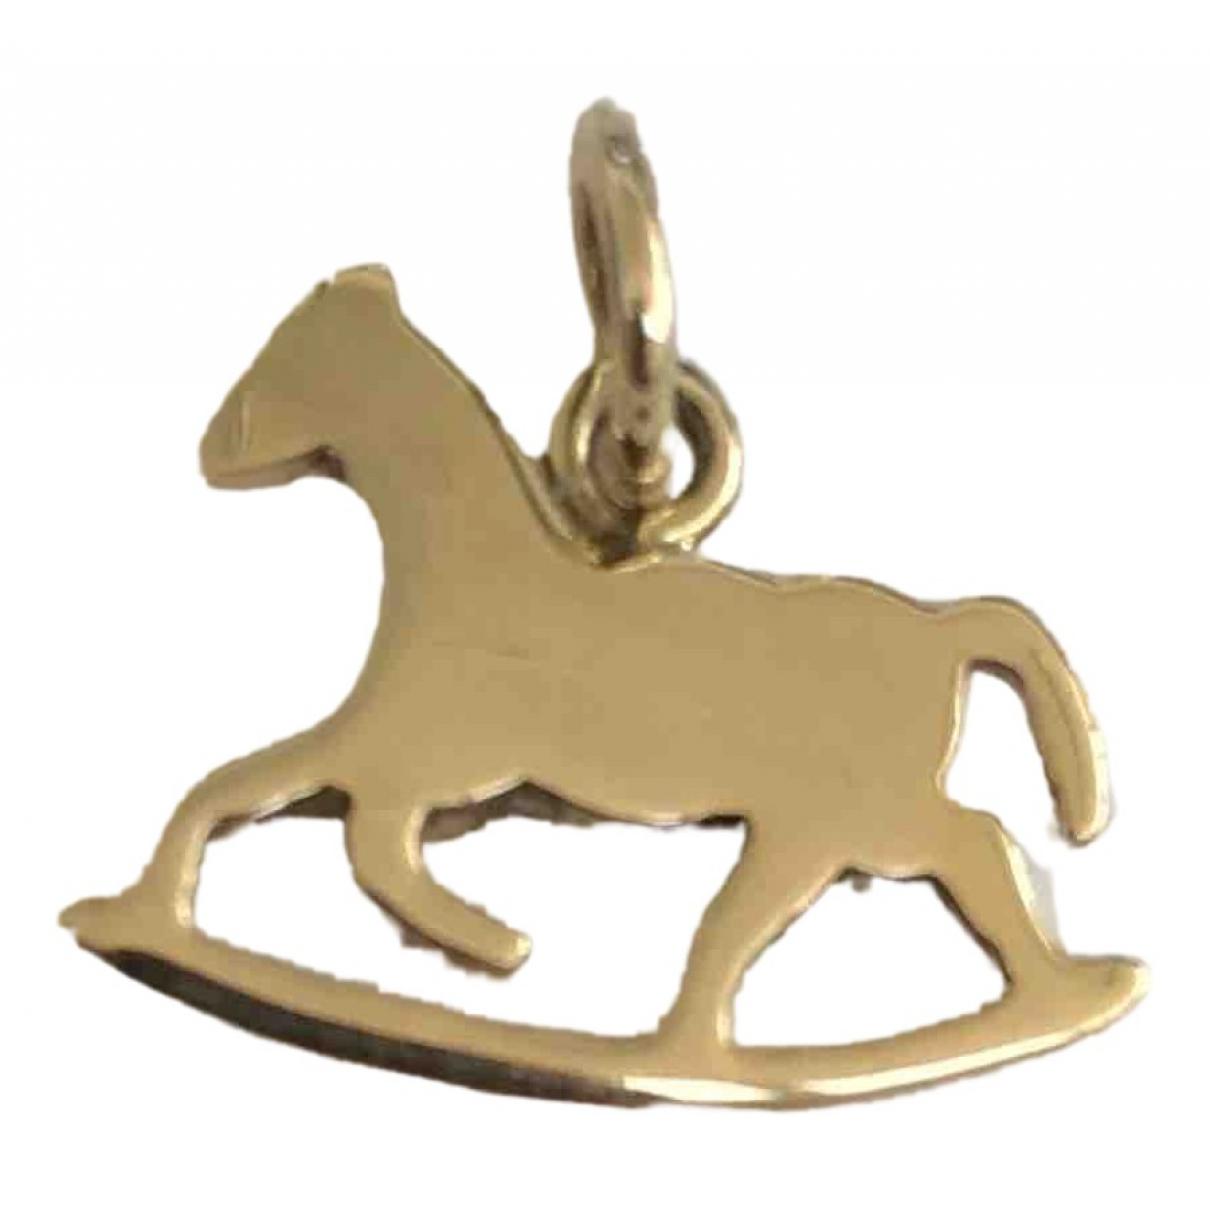 Dodo Pomellato \N Yellow gold pendant for Women \N